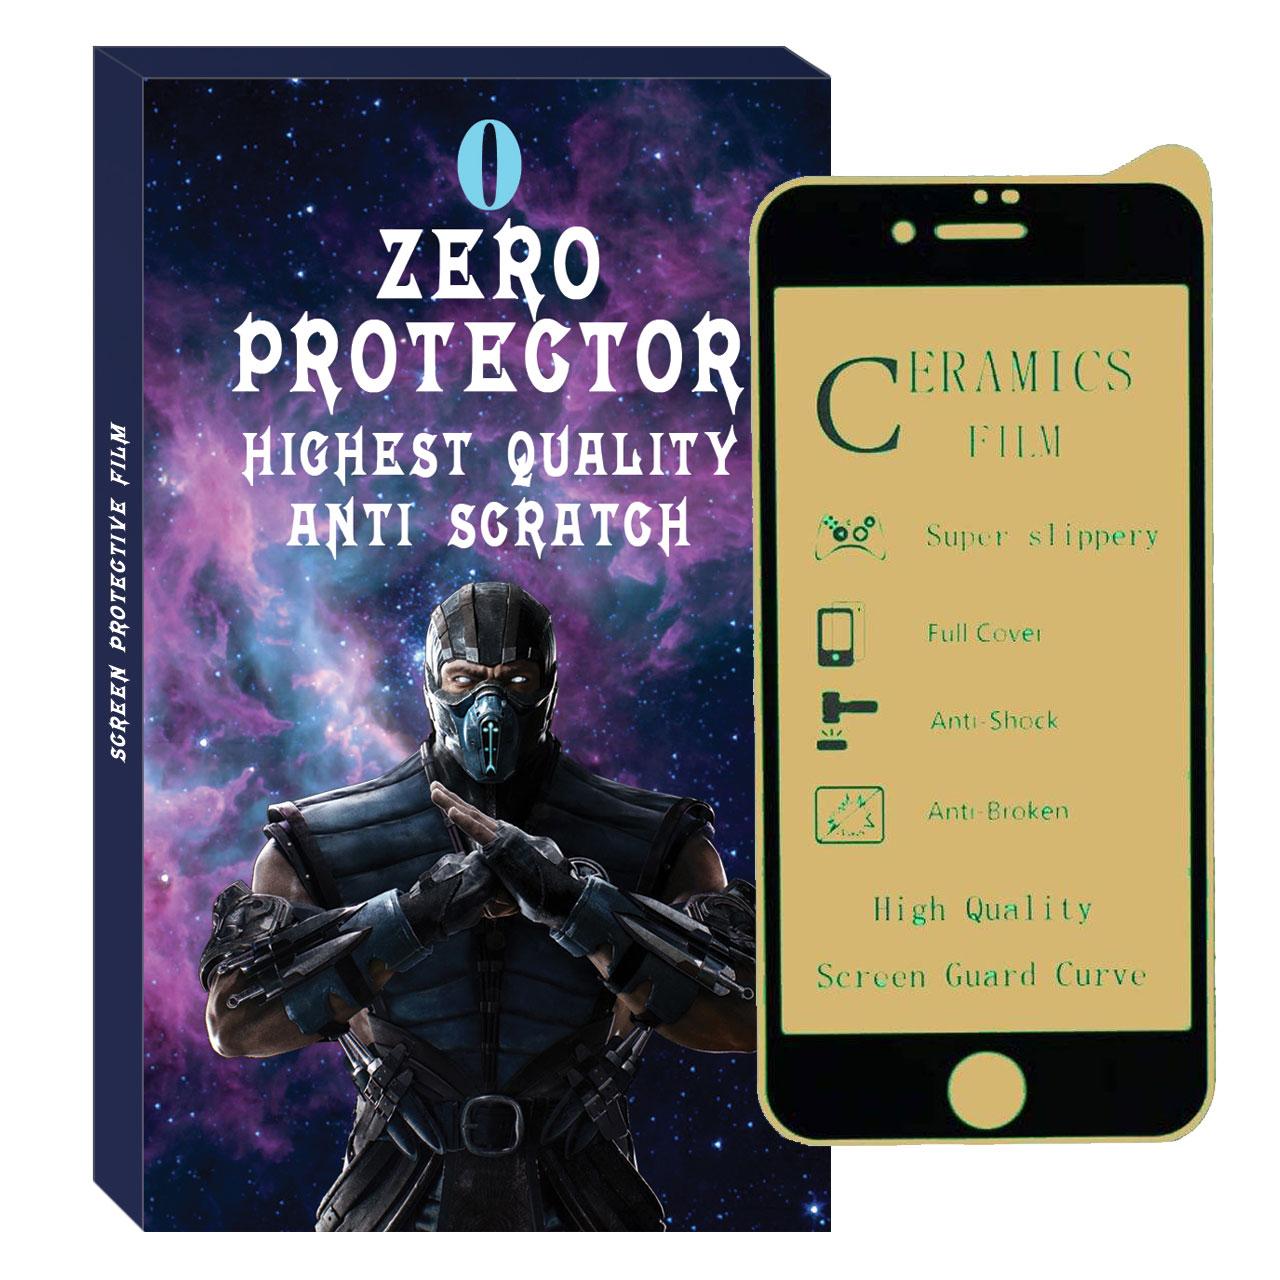 محافظ صفحه نمایش مات زیرو مدل Zmcrm-01 مناسب برای گوشی موبایل اپل Iphone 6 Plus / 6s Plus